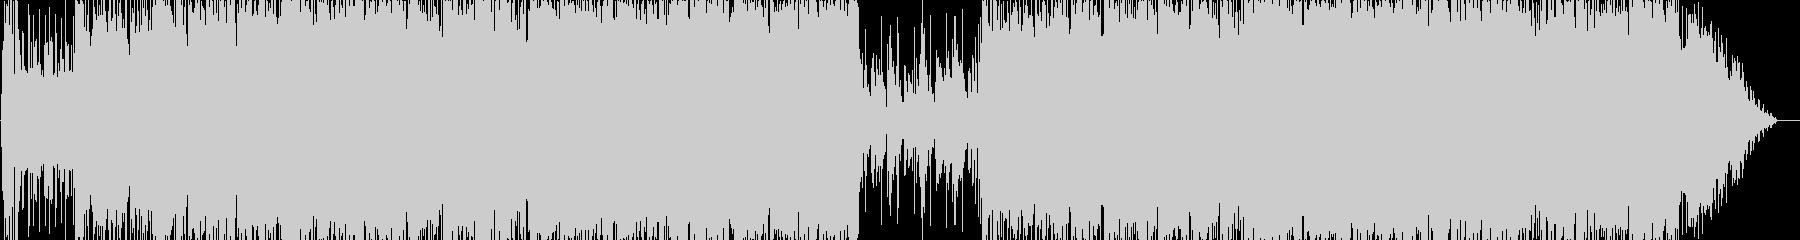 爽やか青空なイメージのギターインストの未再生の波形